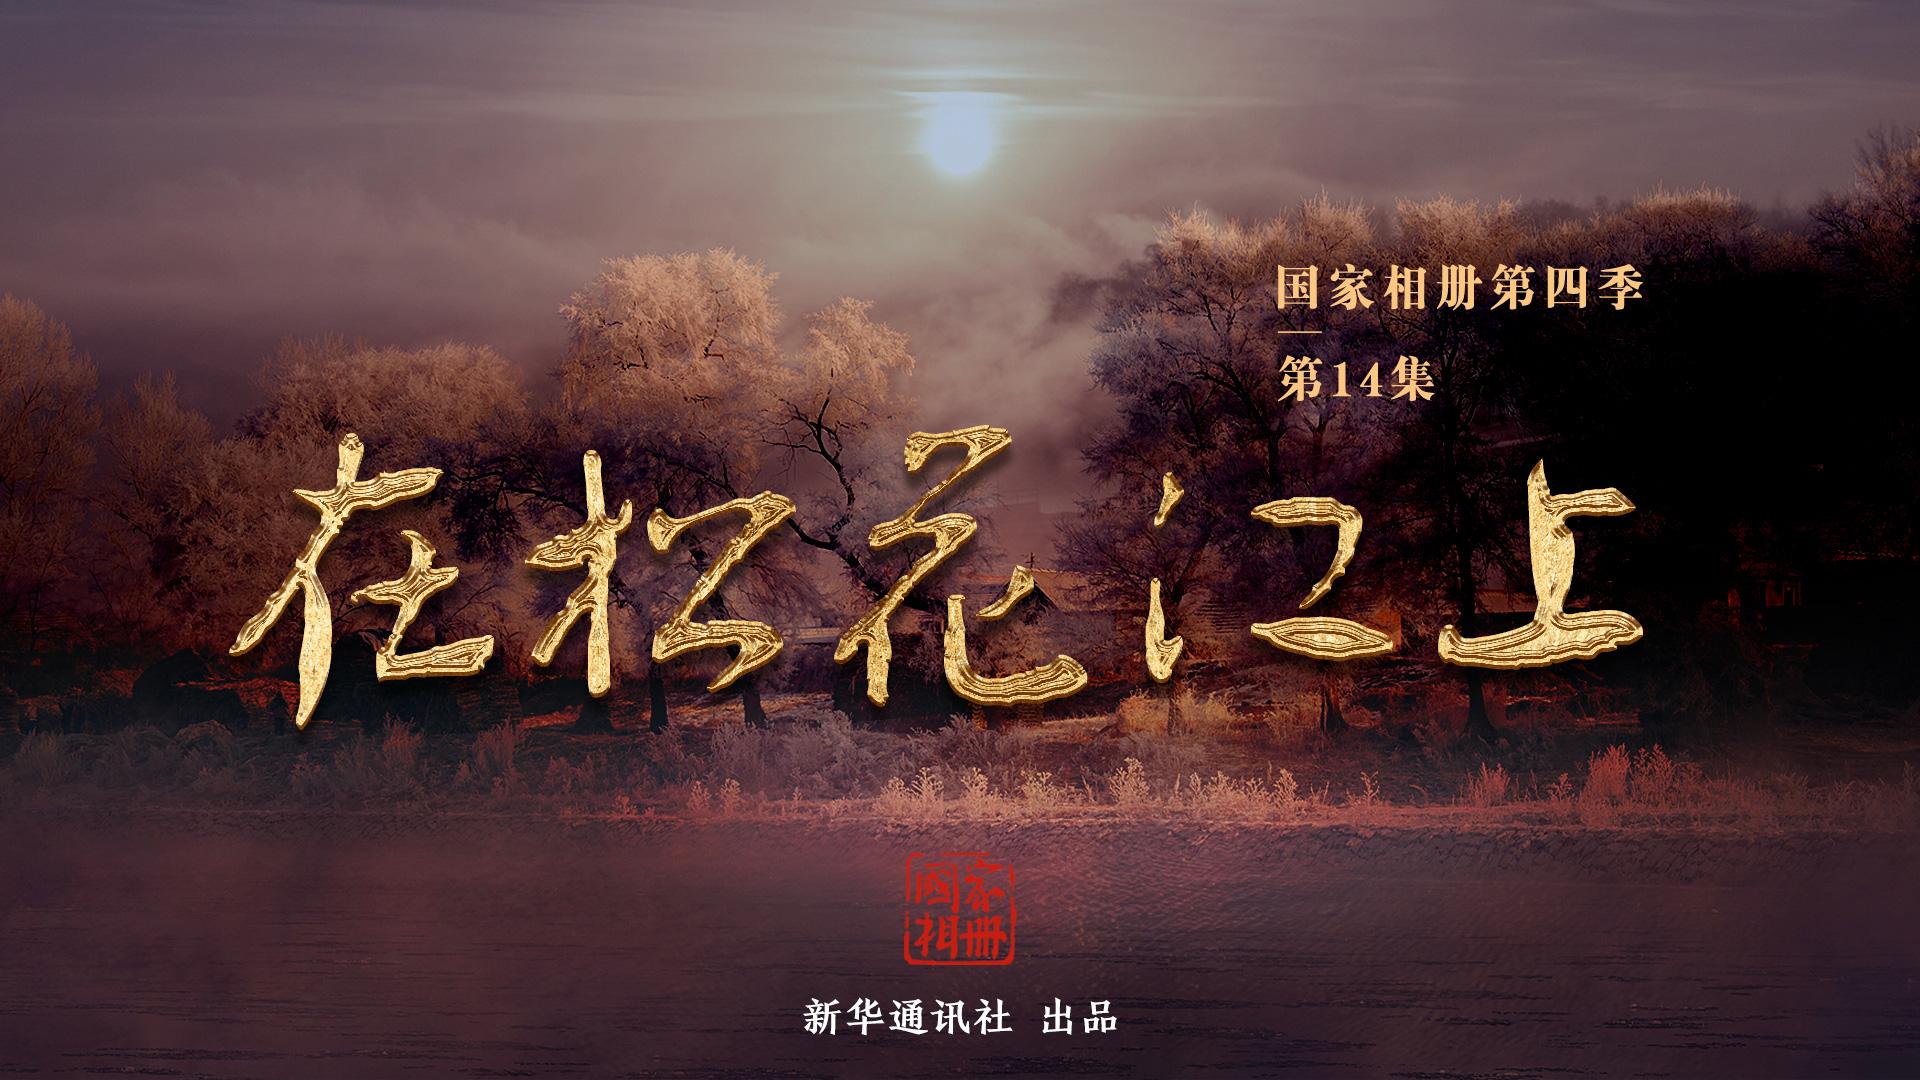 國家相冊第四季第14集《在松花江上》